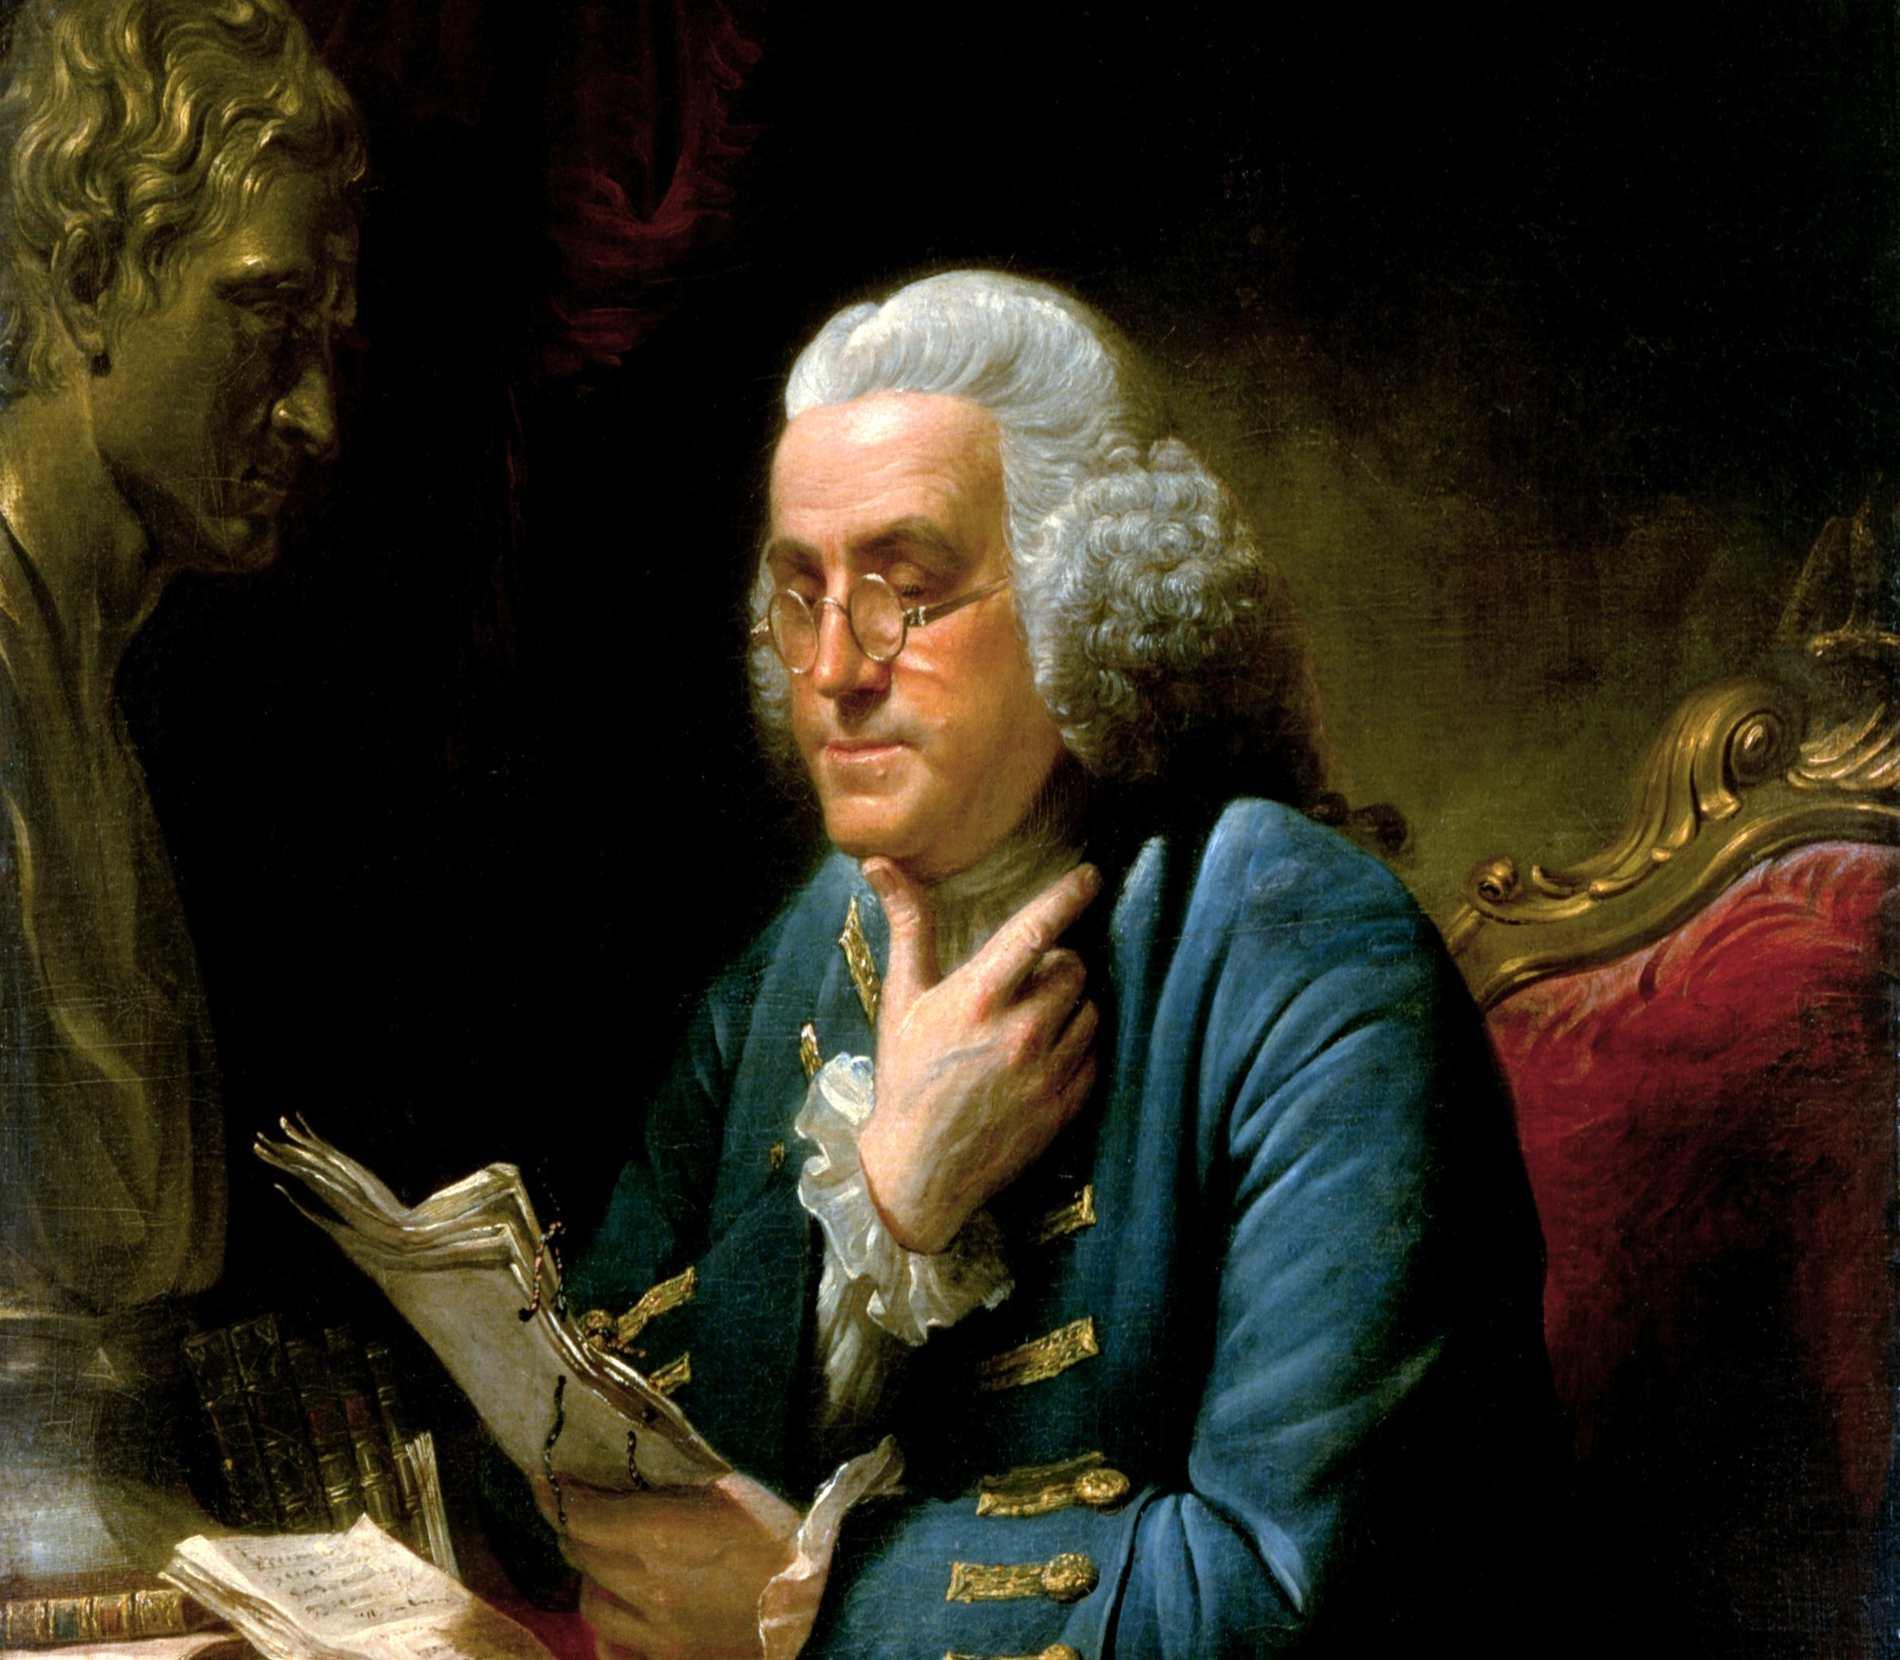 Biografía de Benjamin Franklin: ¿quién fue y qué inventó?